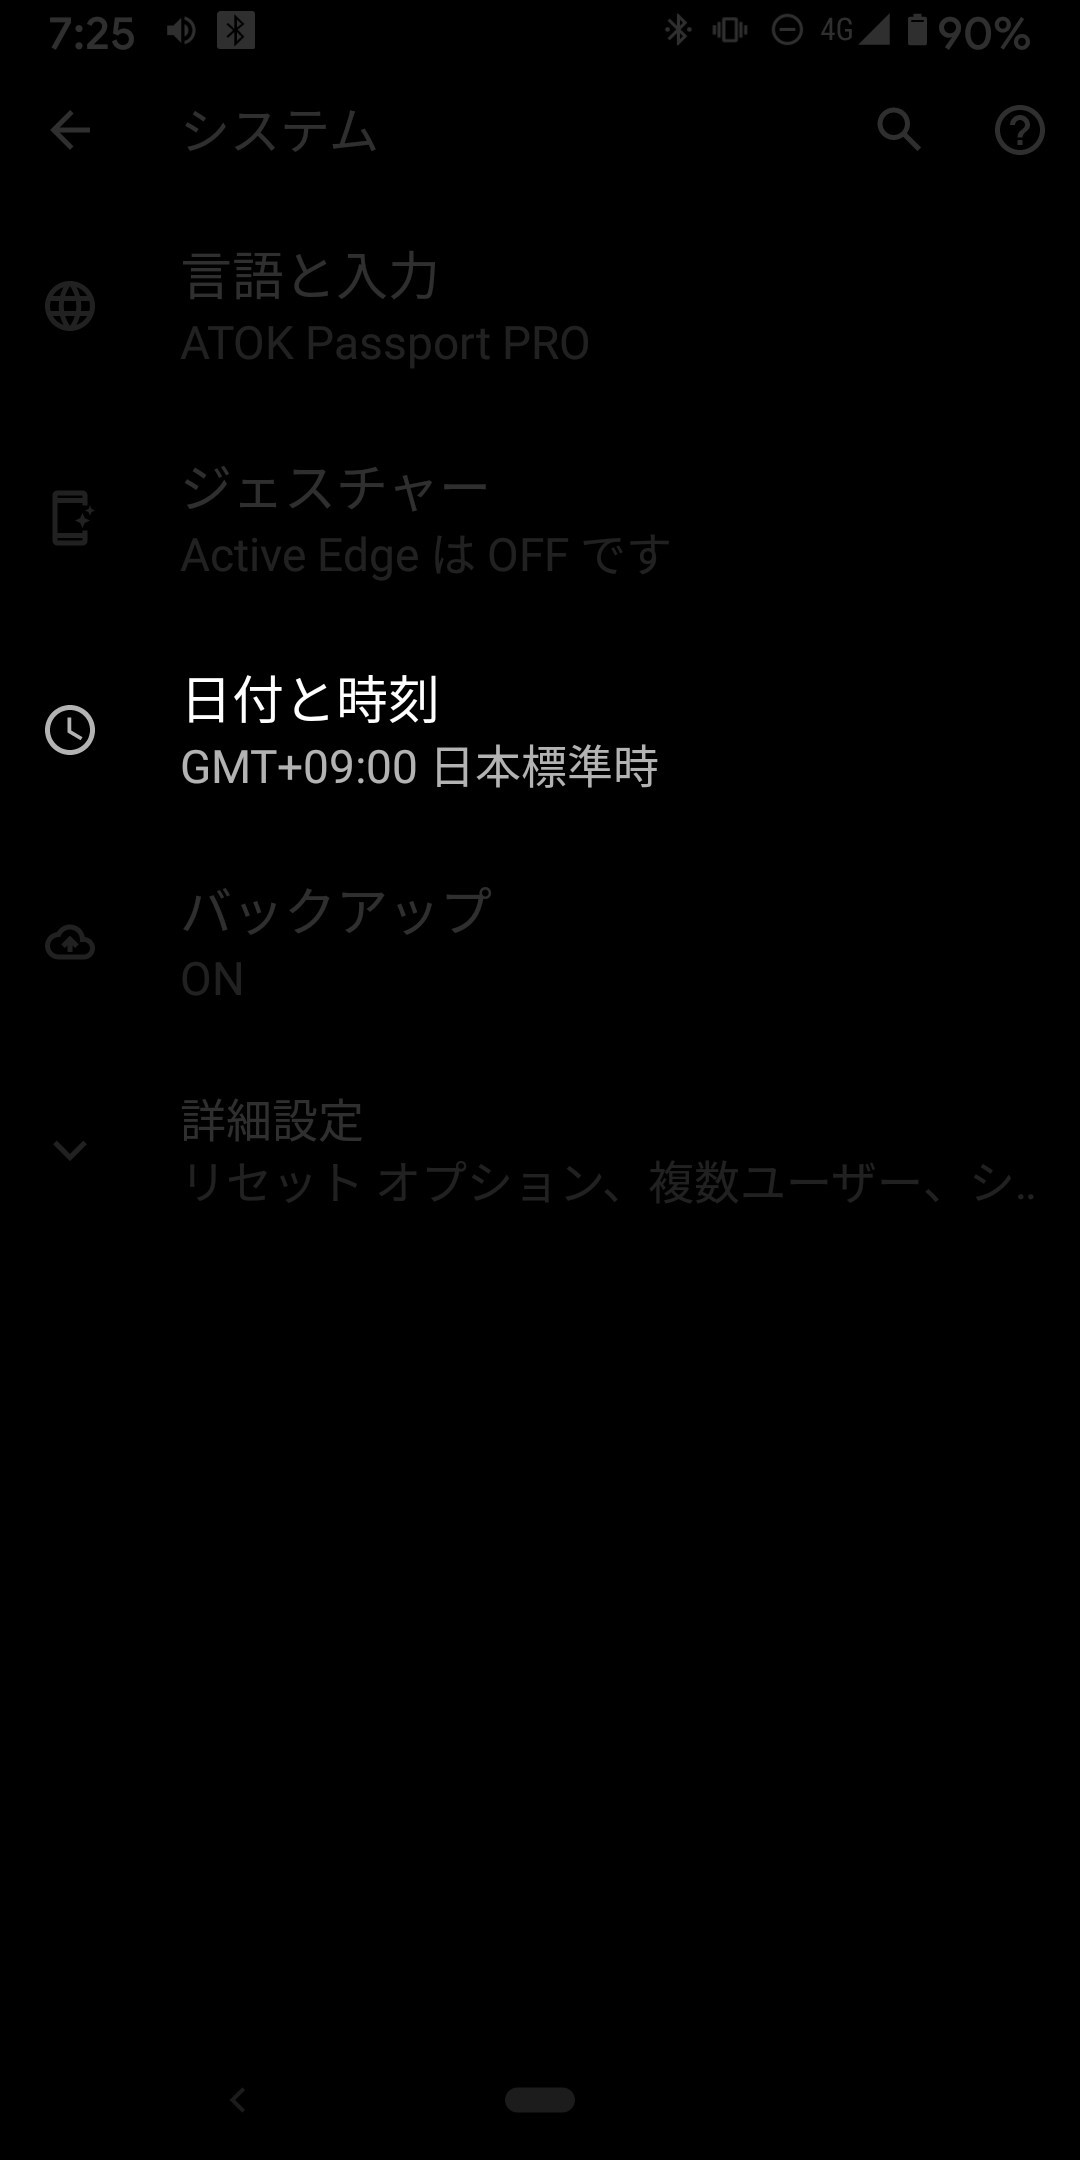 f:id:rakuda95:20200130075448j:image